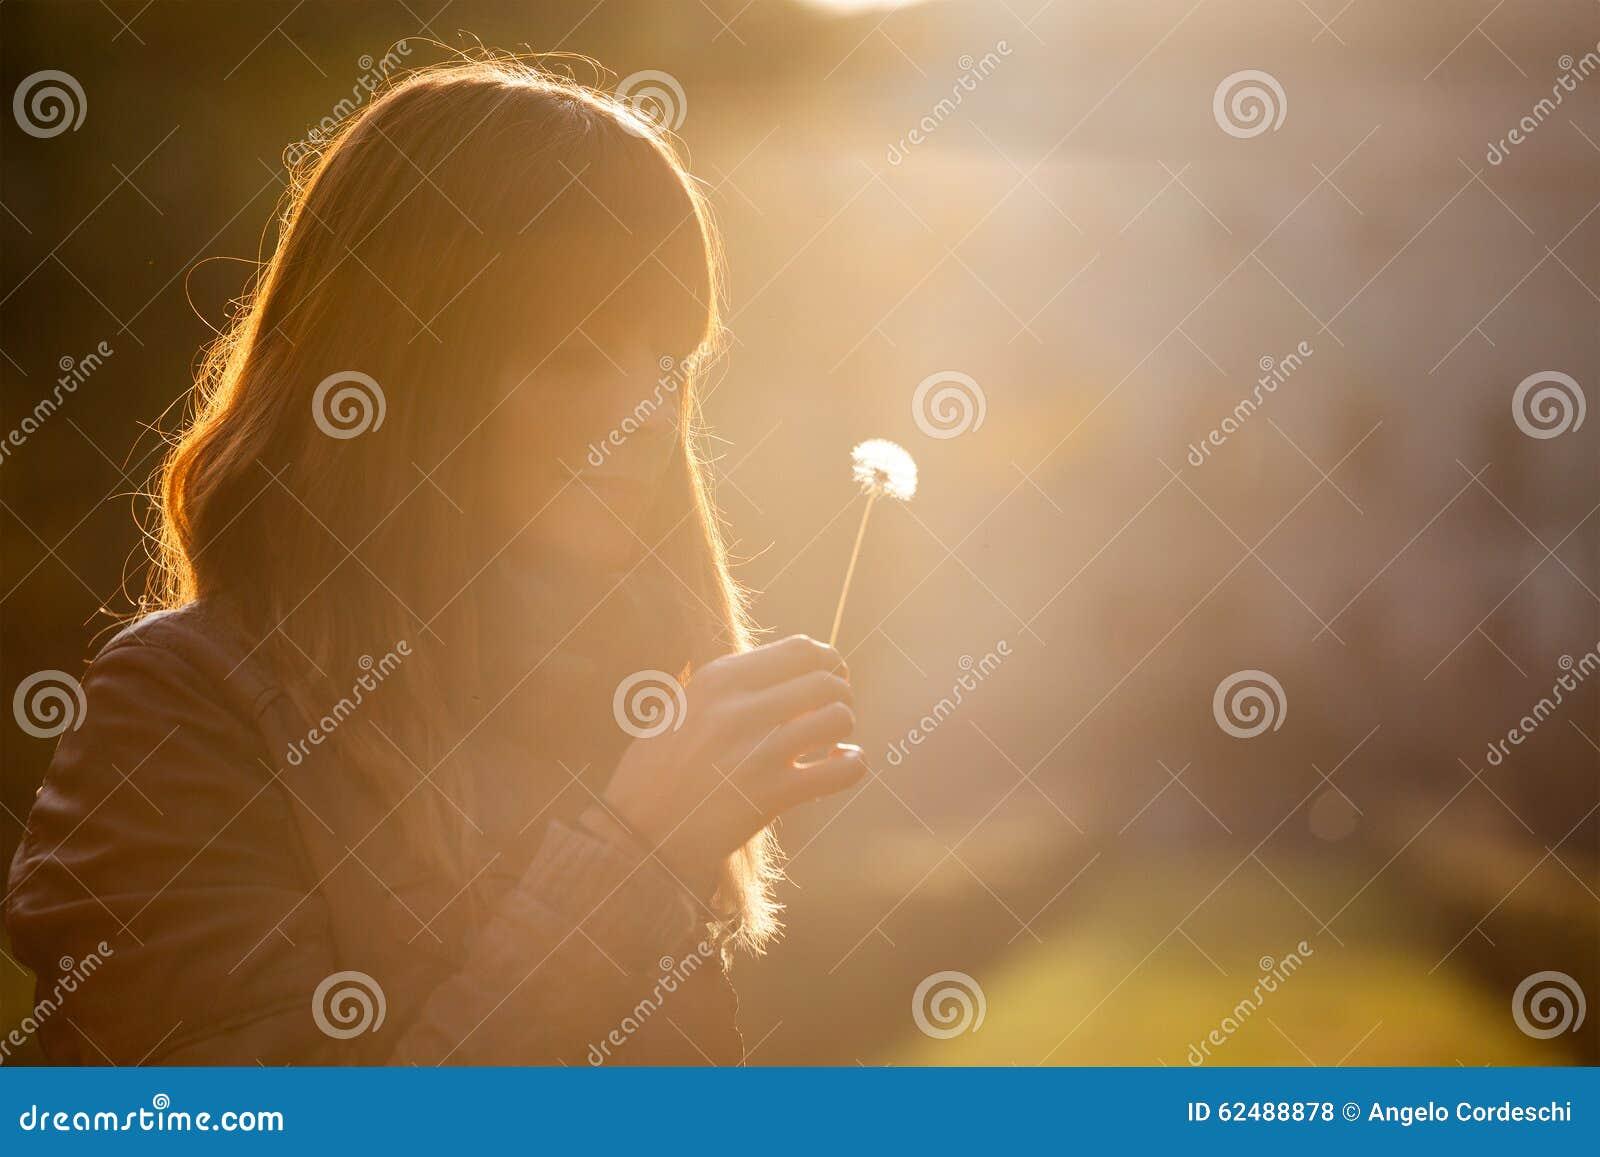 Muchacha delicada y frágil, mujer dulce de la esperanza y naturaleza Puesta del sol romántica